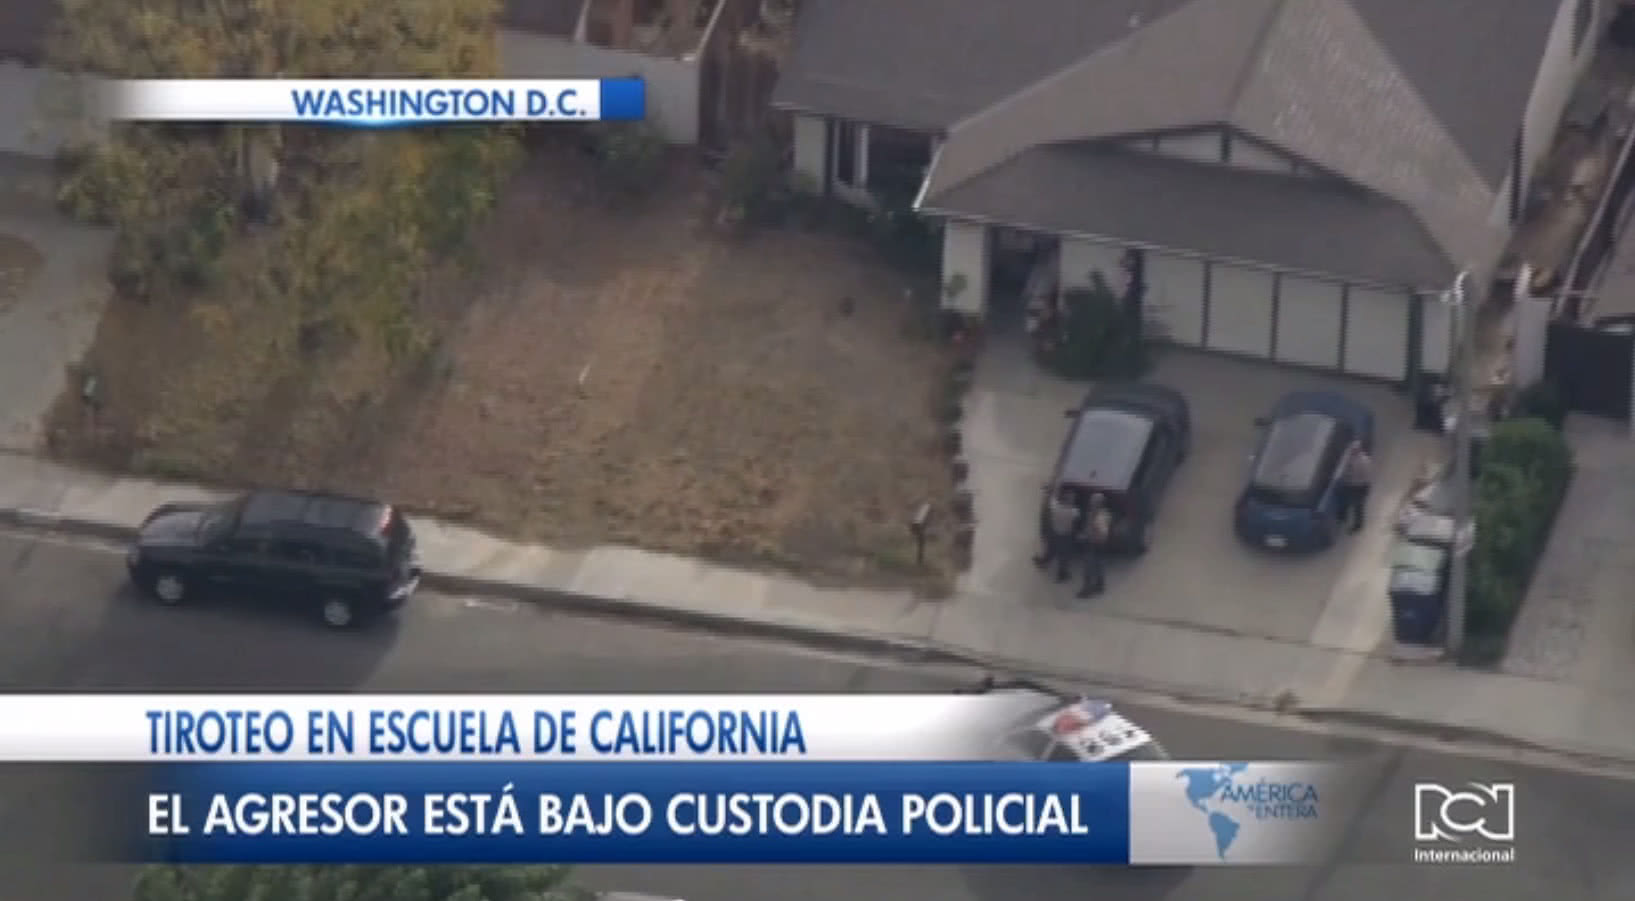 Se conocen nuevos detalles sobre el tiroteo en escuela de California